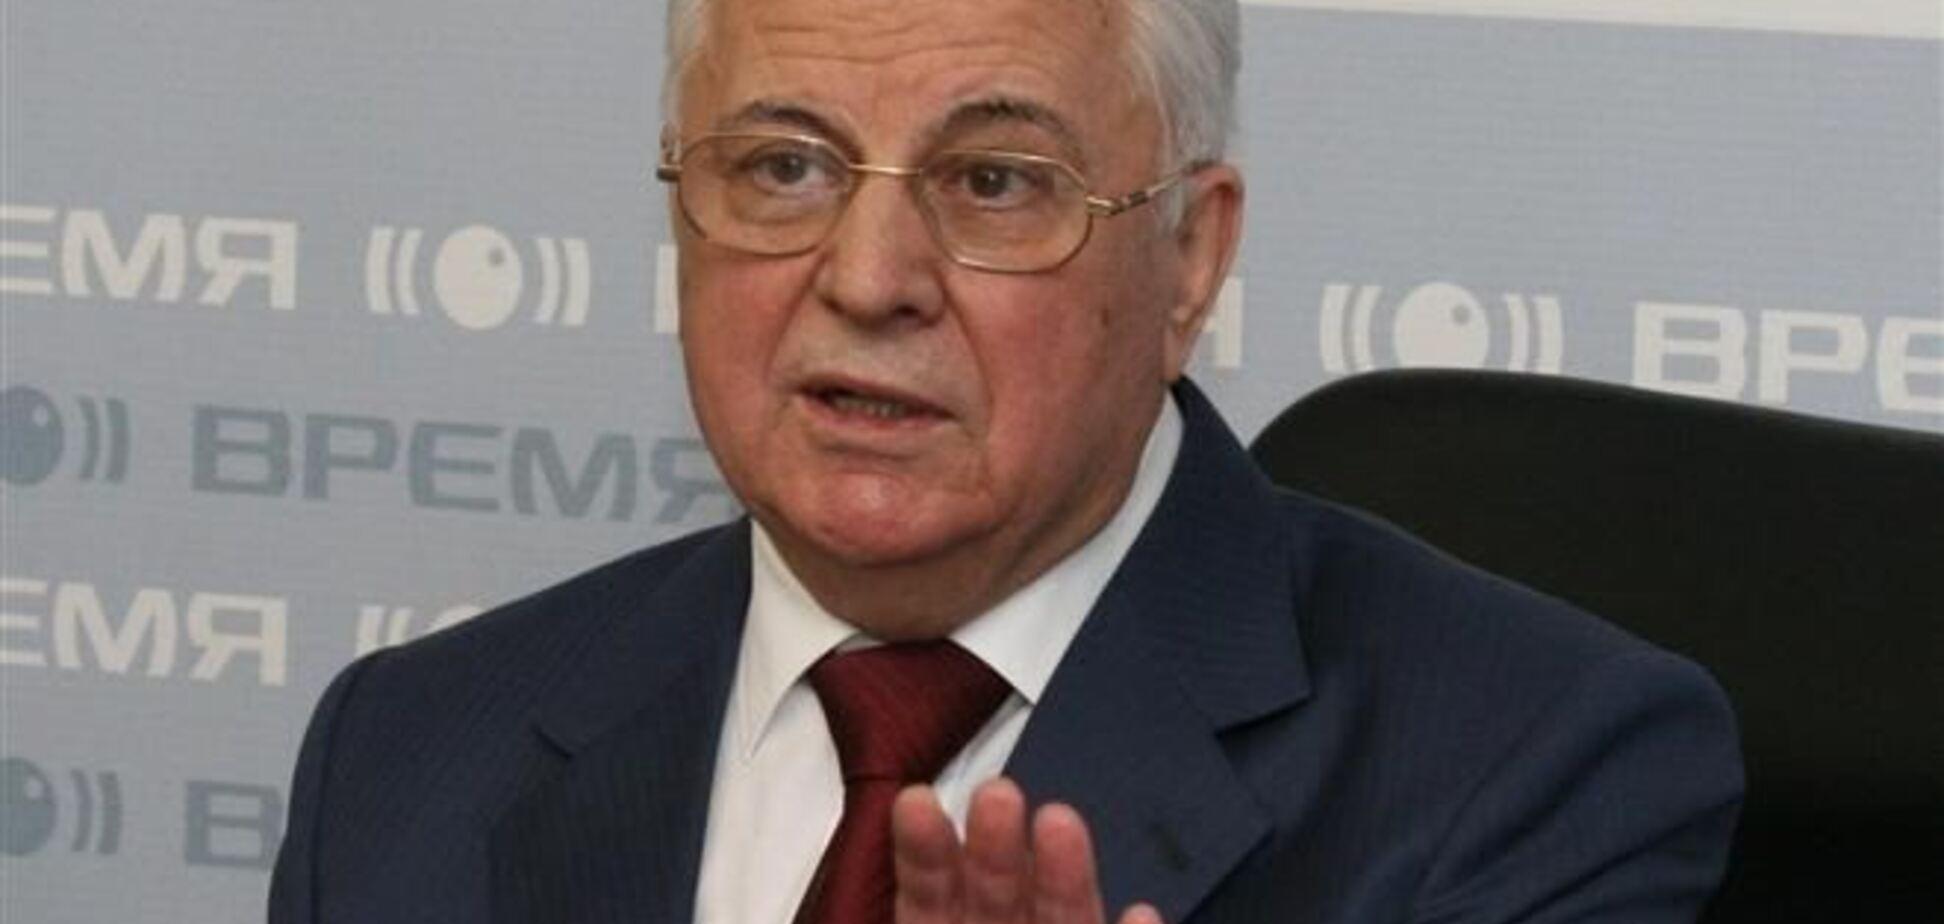 Аферисты, 'кинувшие' чиновников на 13 млн грн, прикрывались именем Кравчука